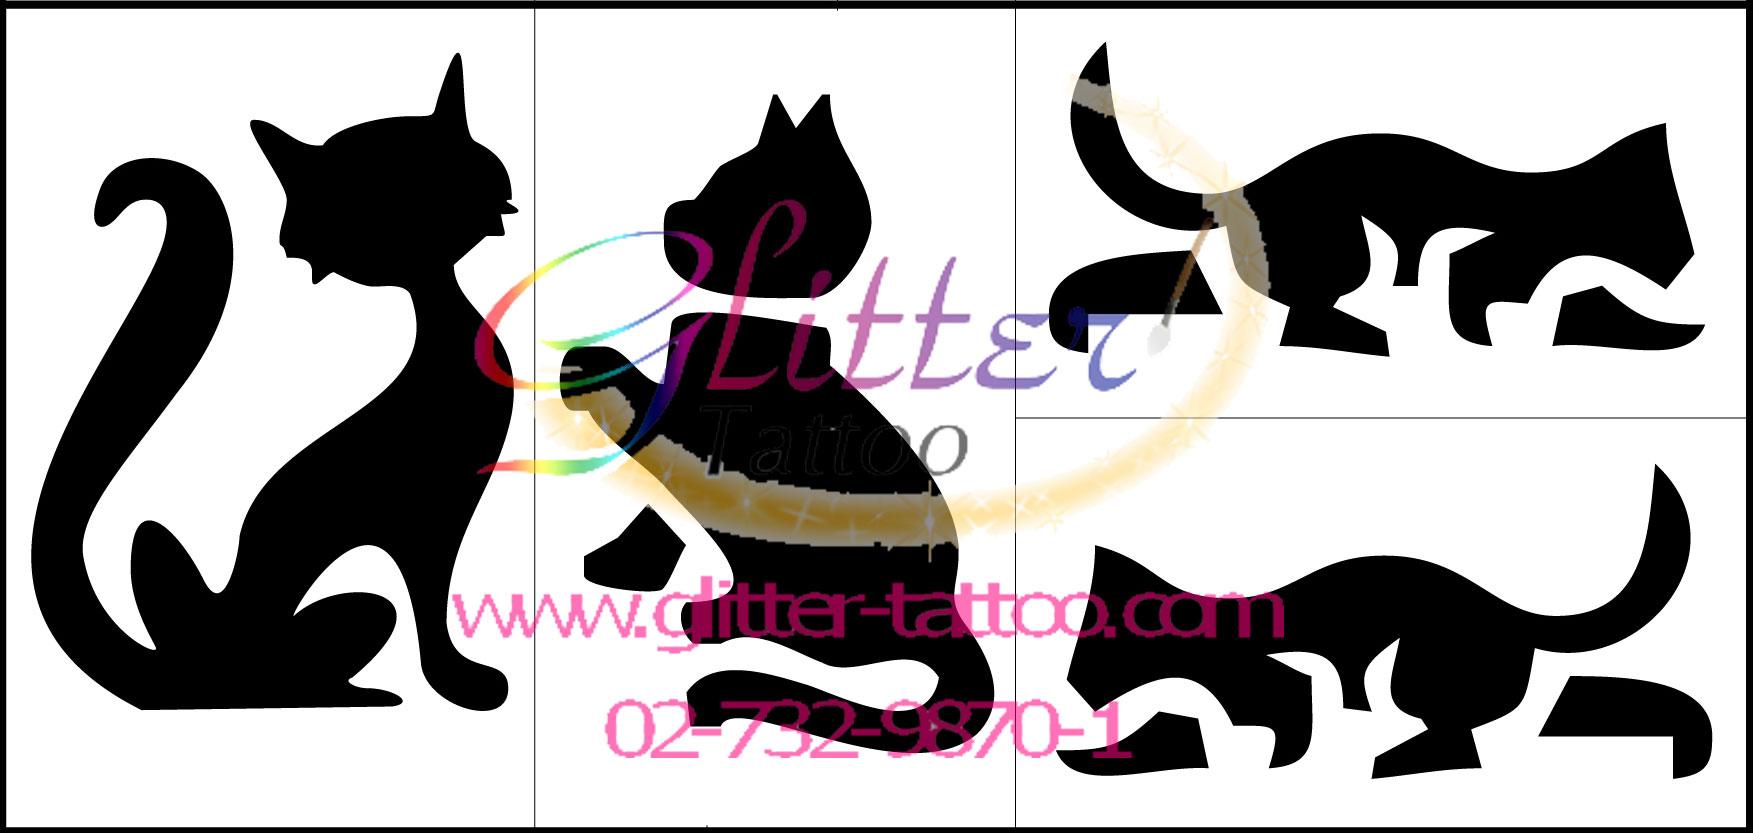 แบบลายแมว 1 (ชุด)